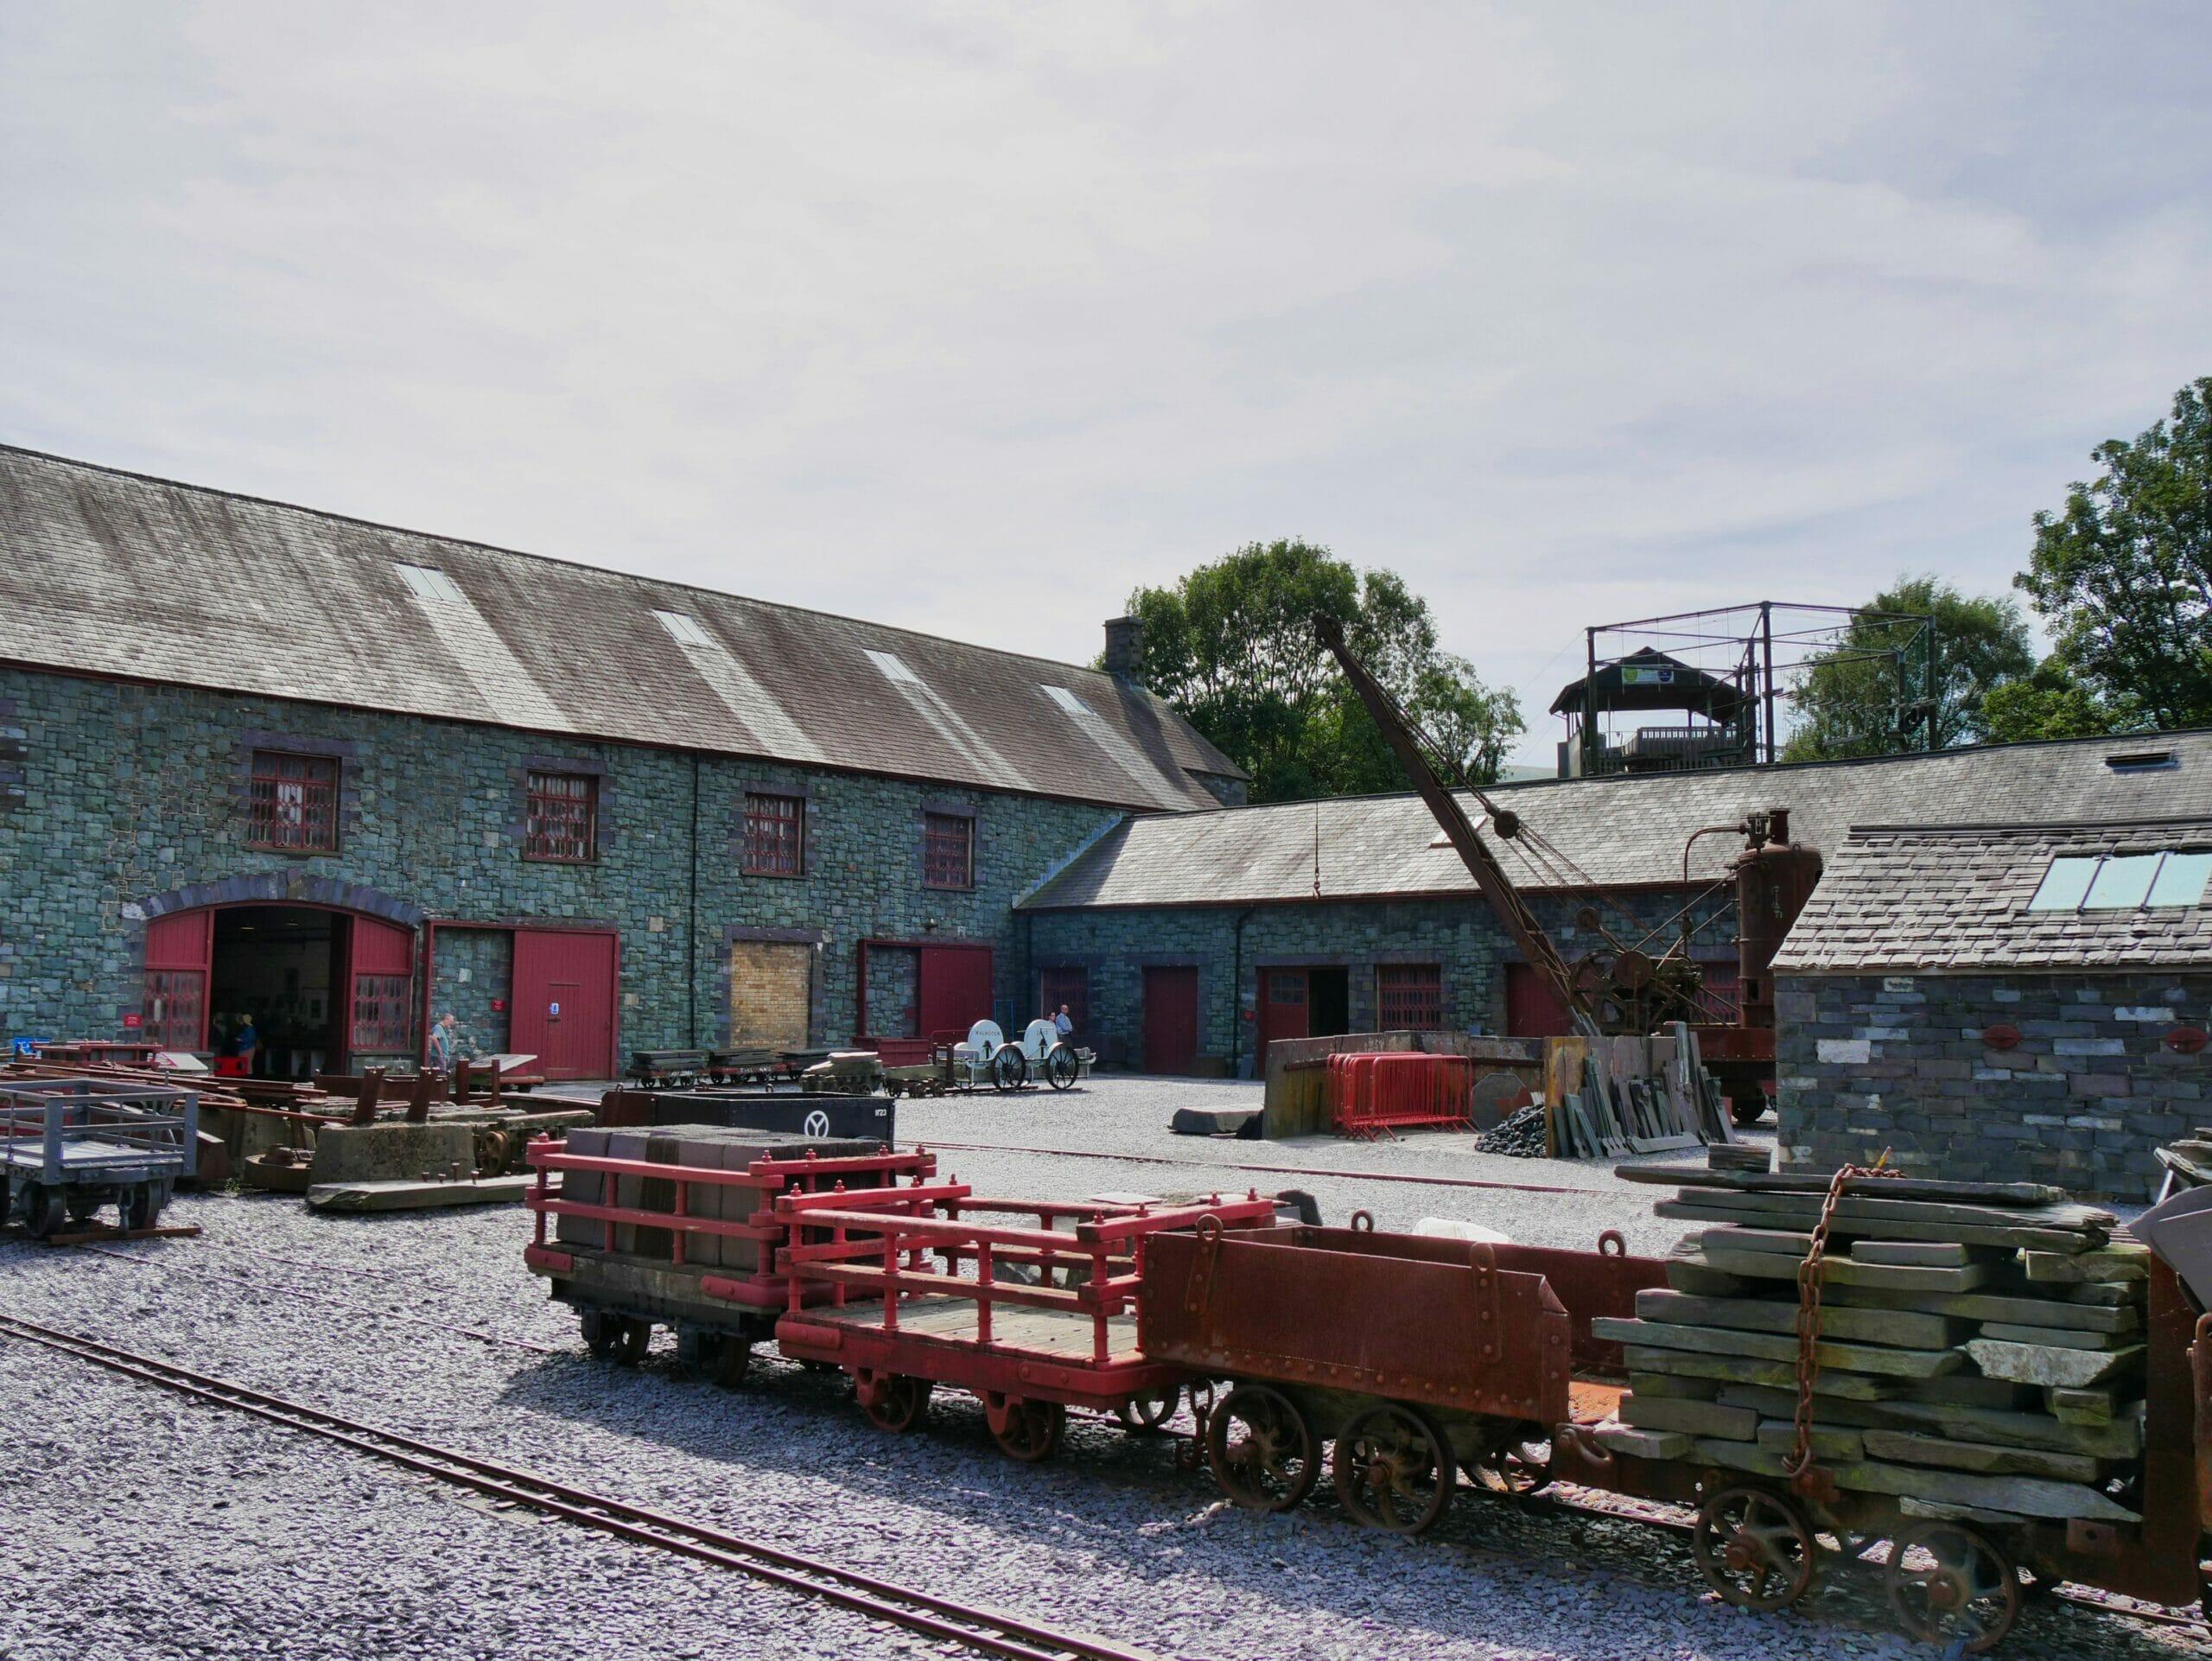 Llanberis Slate Museum in Wales